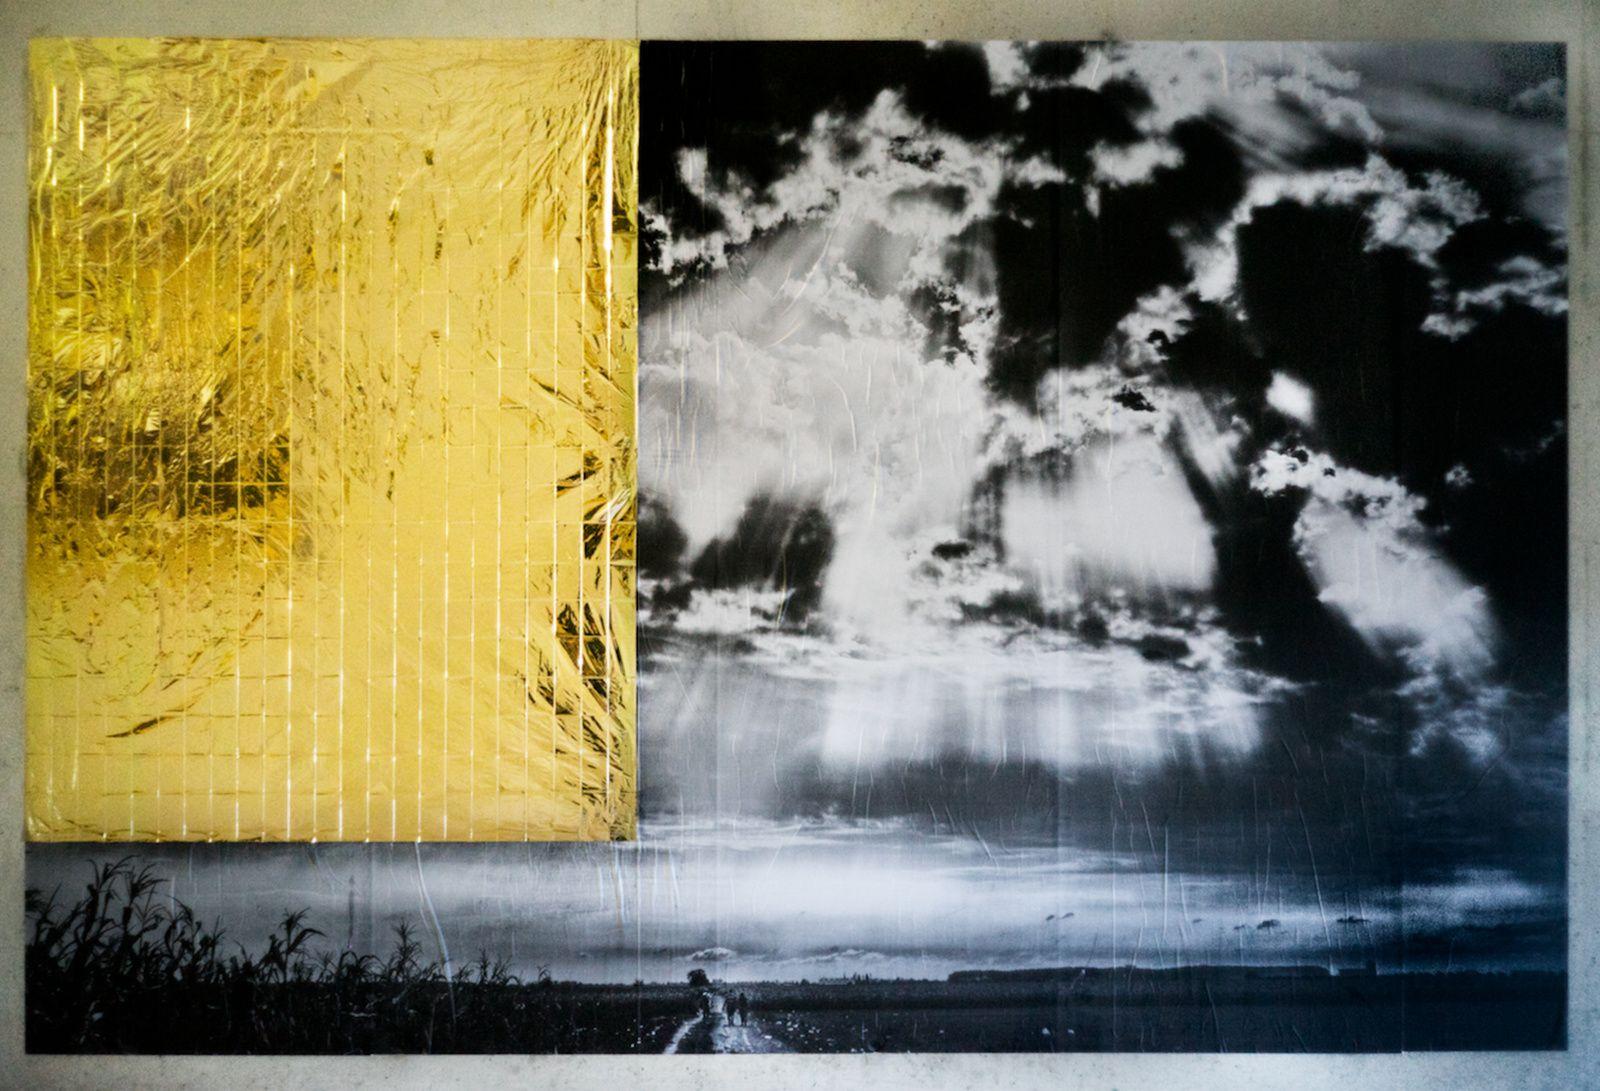 """""""Sur le chemin de l'exode"""", 2015 de Louis JAMMES - Courtesy Galerie Rabouan Moussion"""